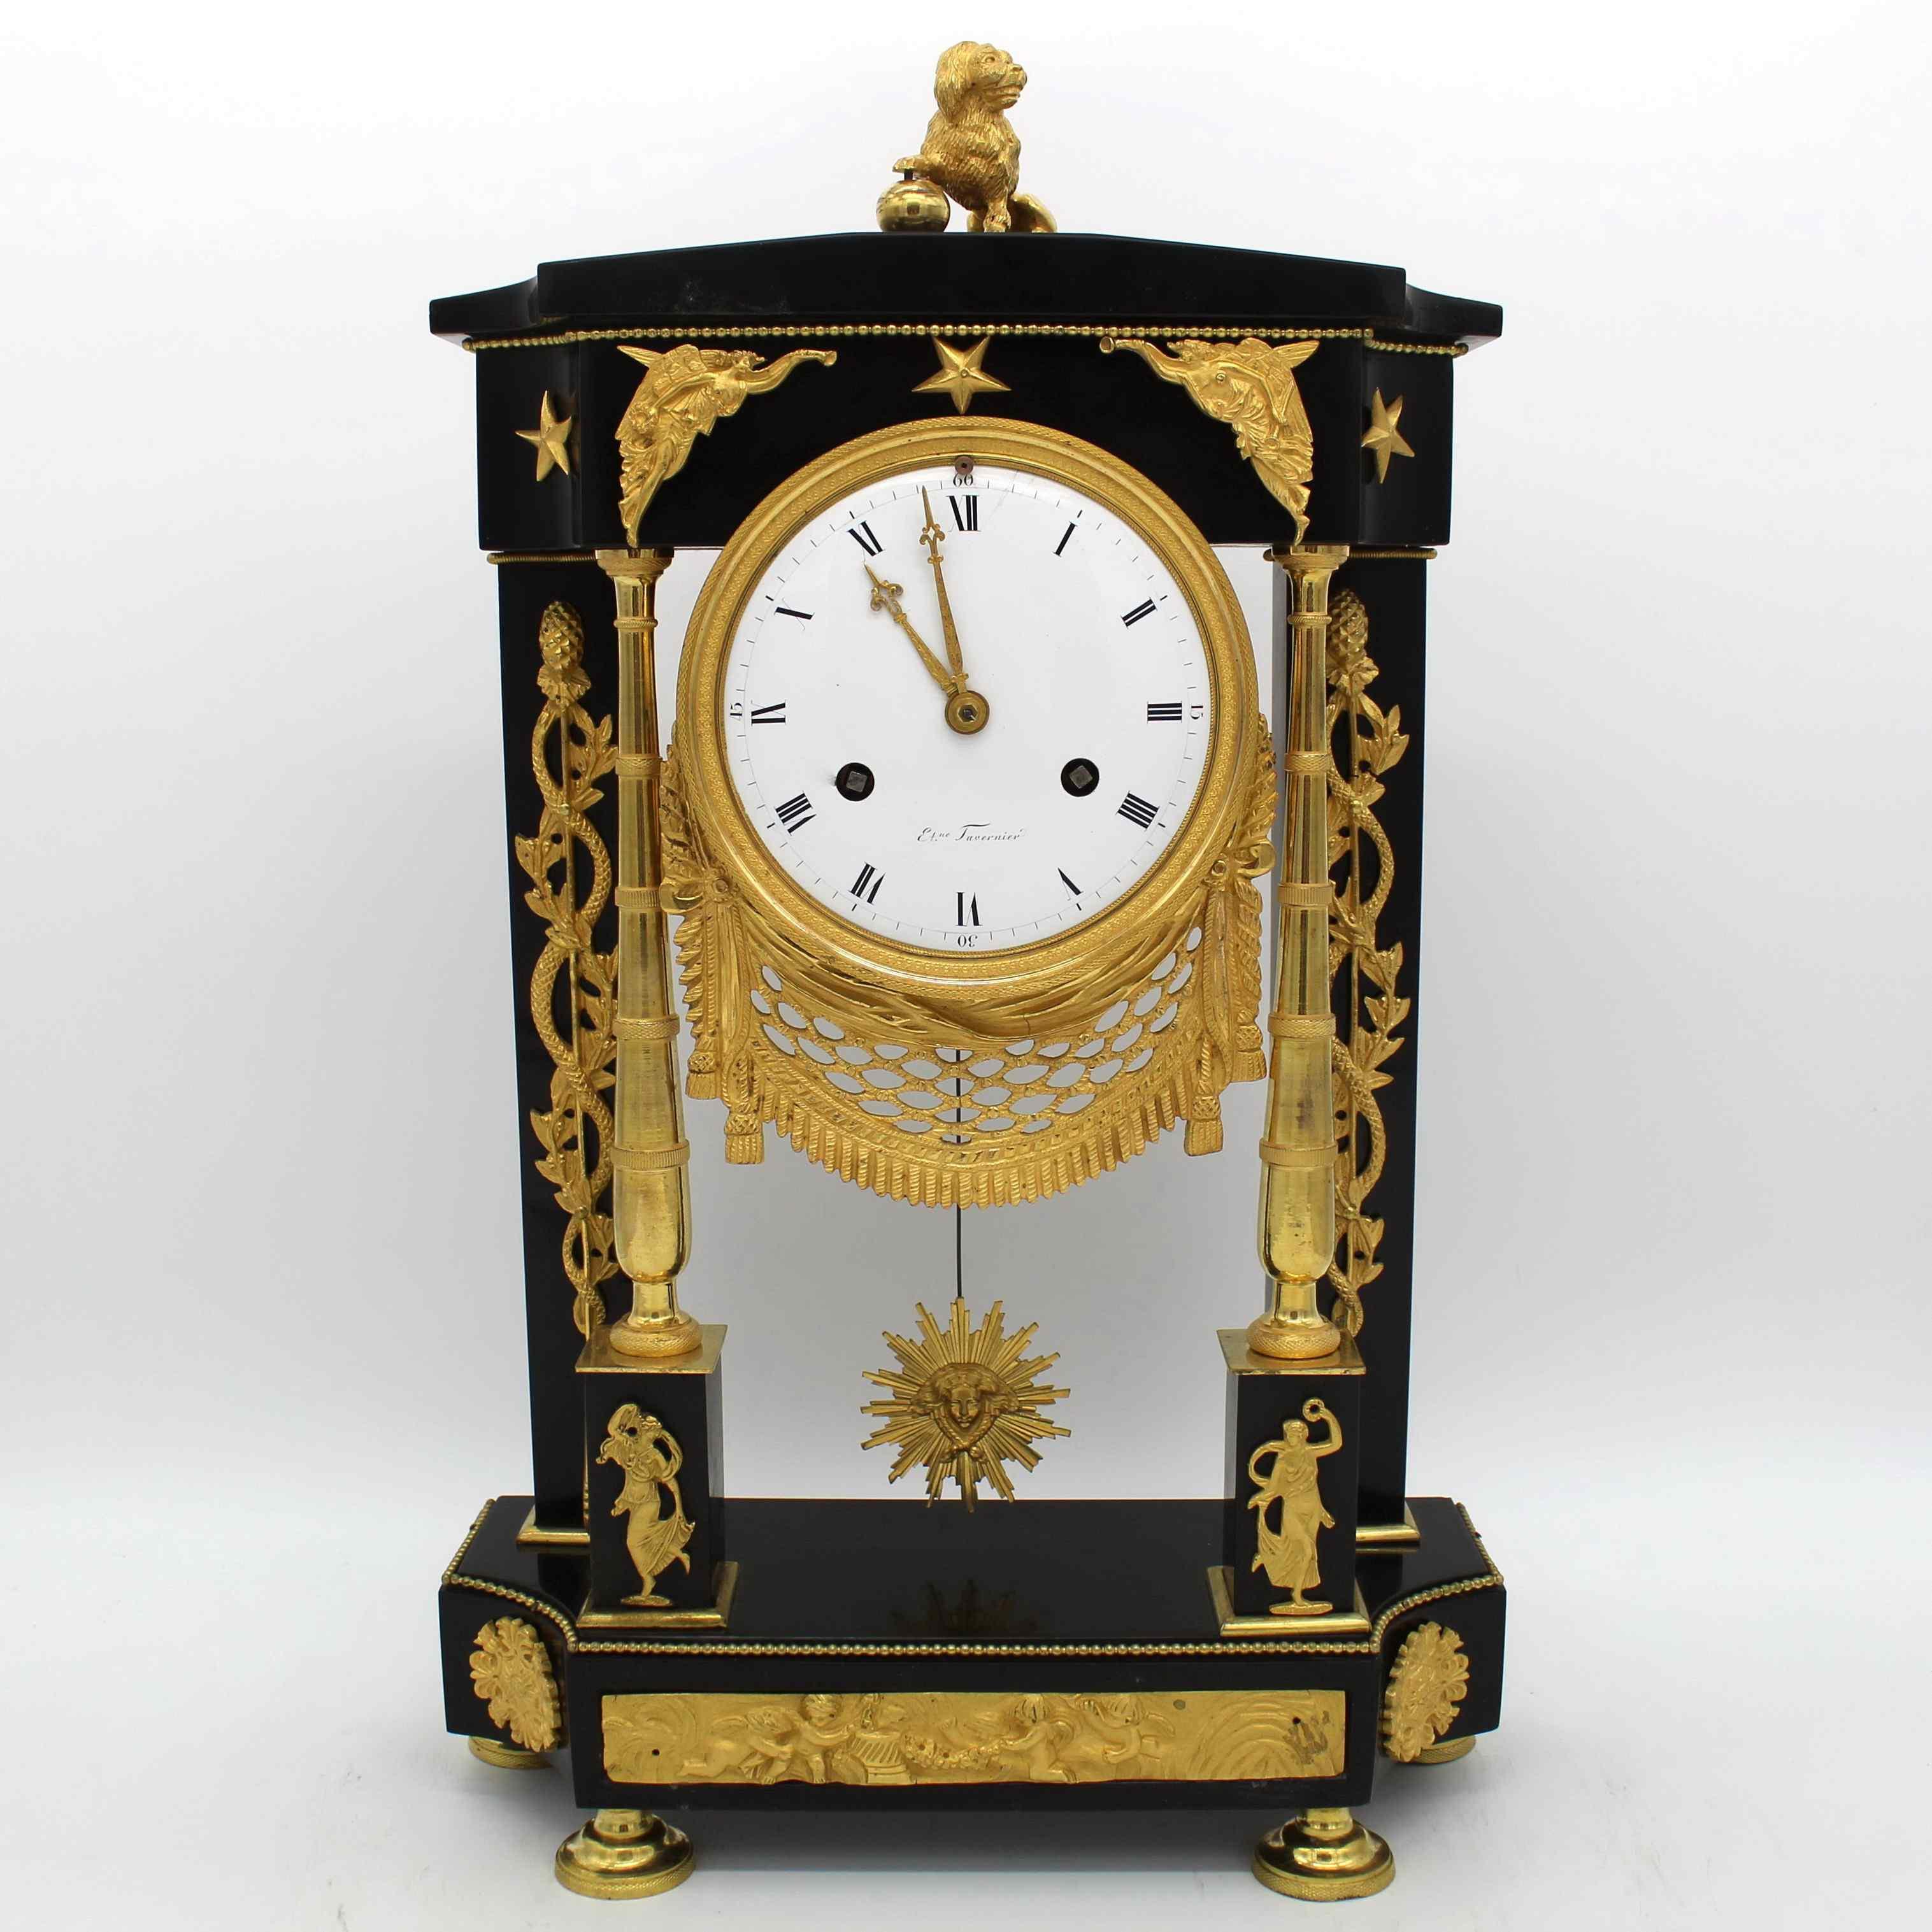 Ancien Horloge Pendule Empire en bronze et marbre - 19ème